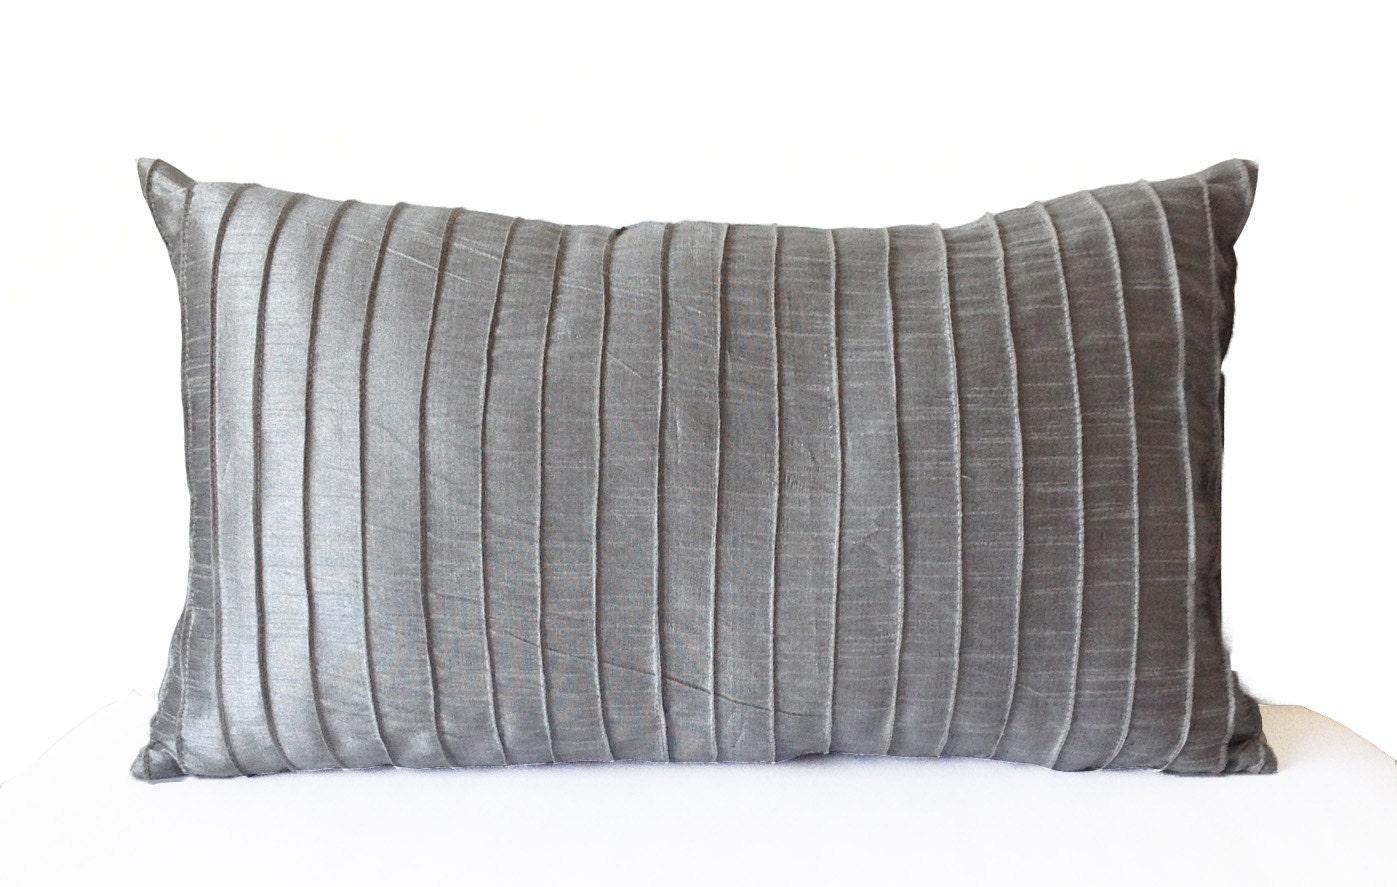 Gray Decorative Throw Pillows : Grey Silk Pleated Textured Pillow Cover Lumbar Pillow Grey